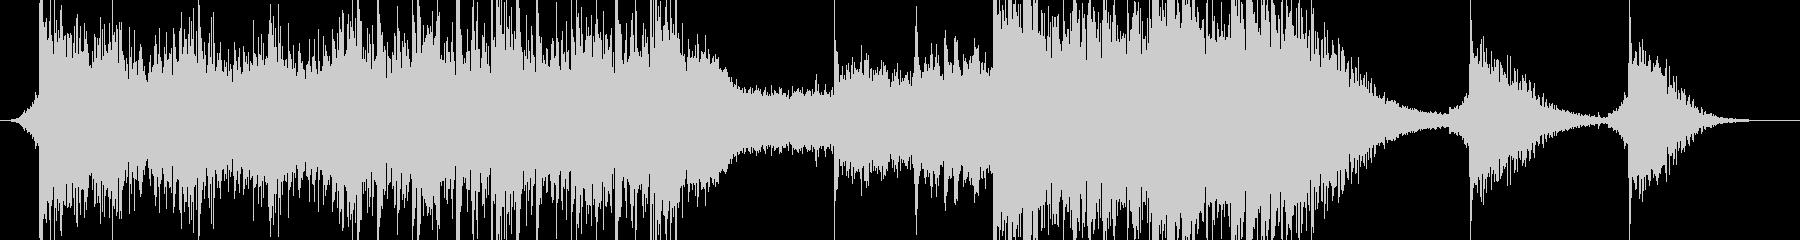 重低音が目立つシネマティックな曲の未再生の波形